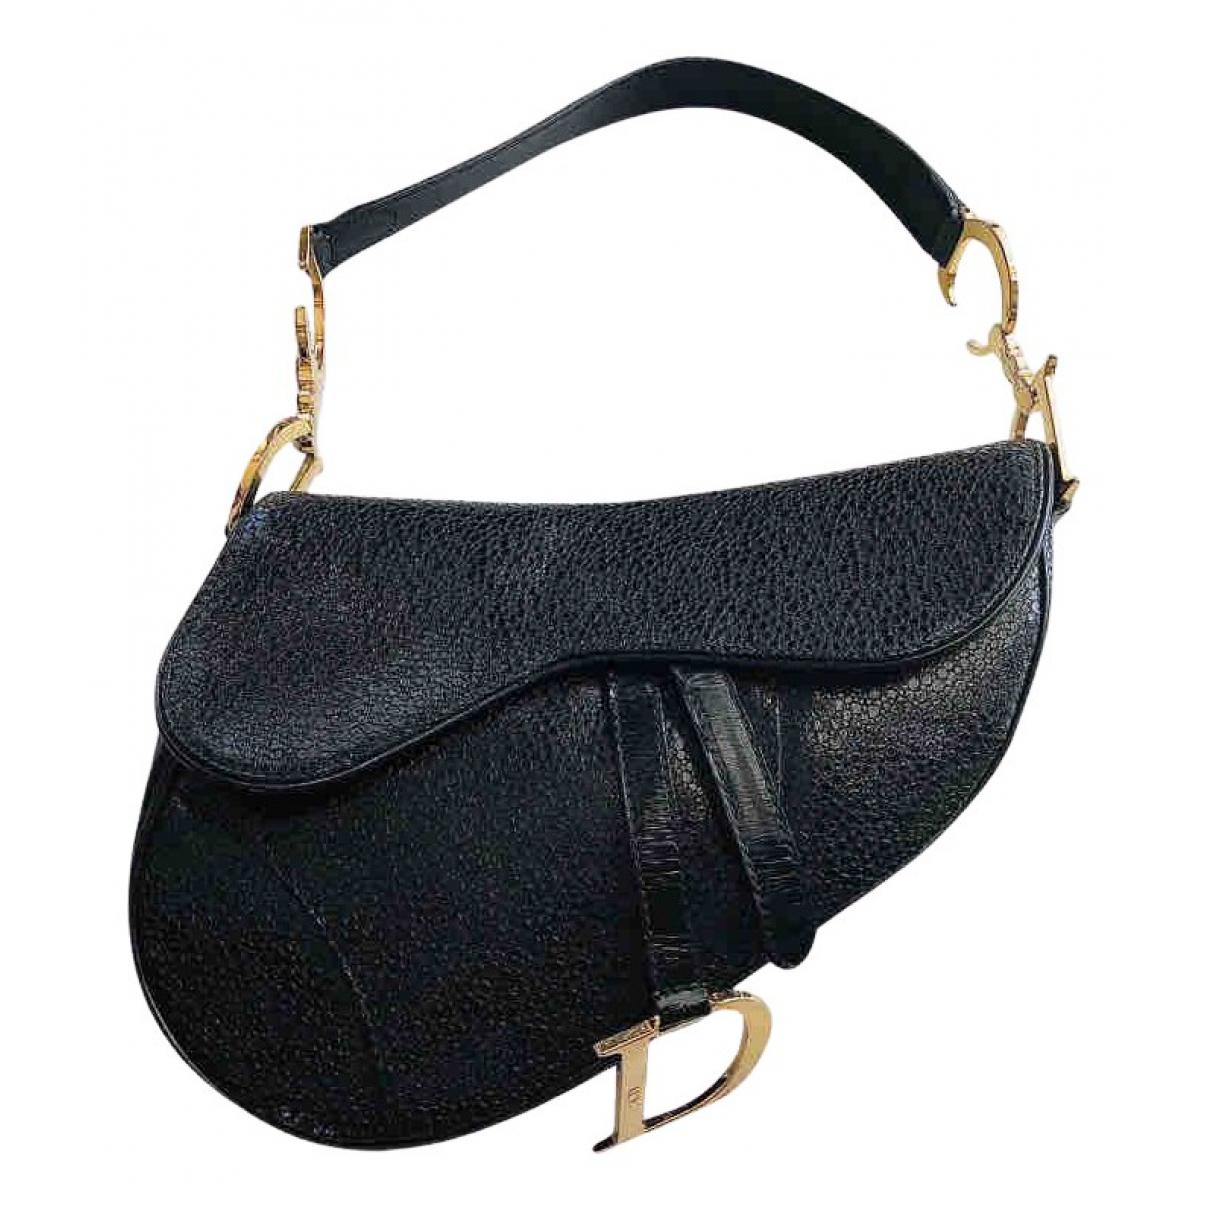 Dior - Sac a main Saddle pour femme en cuir - noir